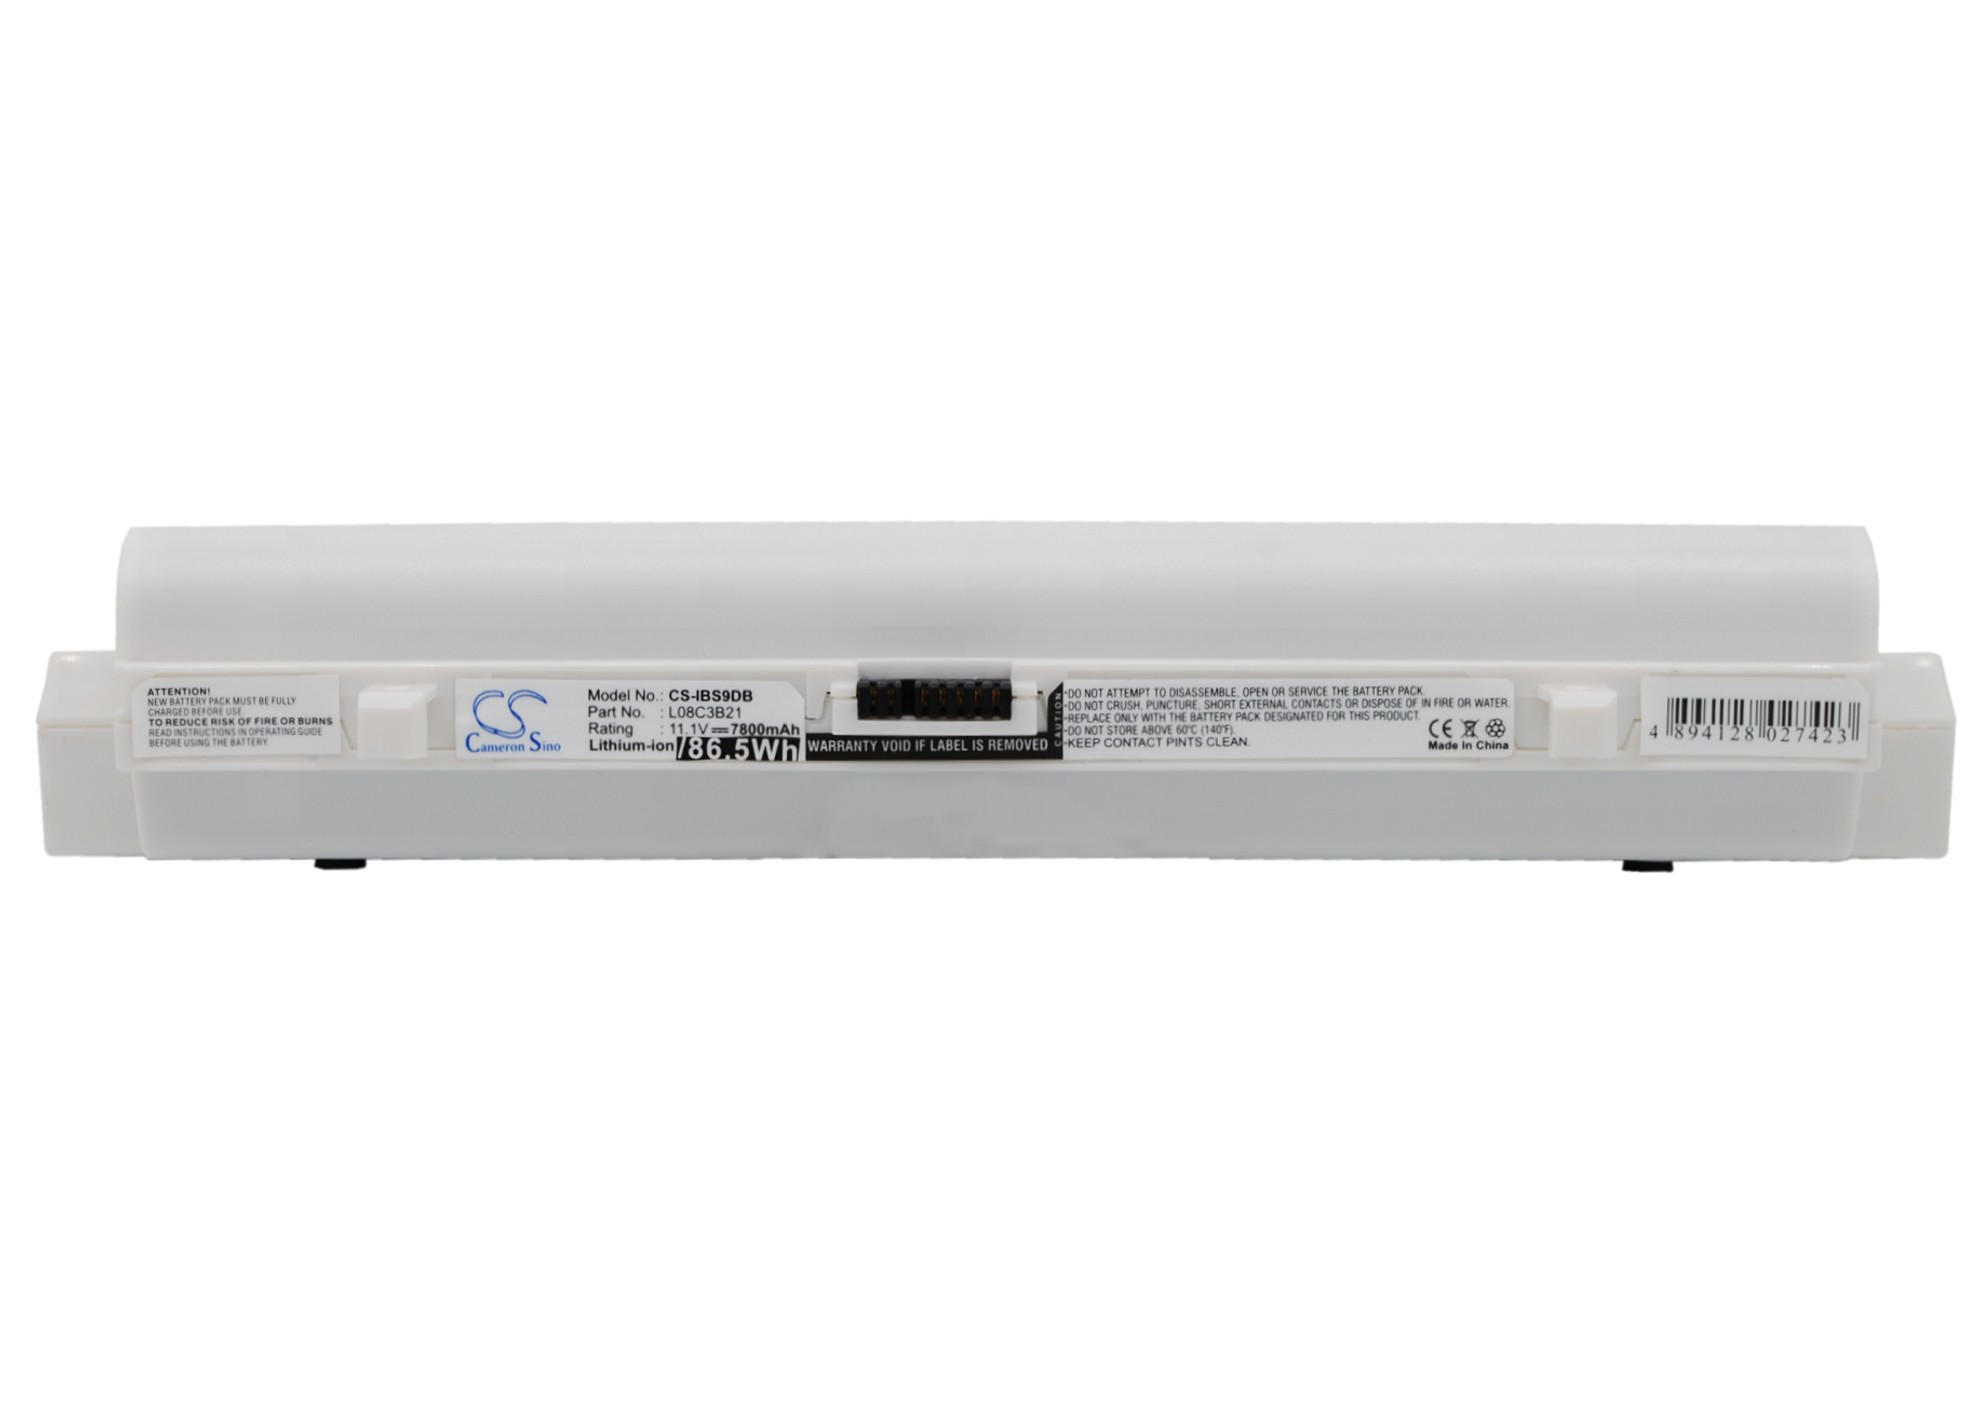 Cameron Sino baterie do notebooků pro LENOVO ideaPad S10 4231 11.1V Li-ion 7800mAh bílá - neoriginální